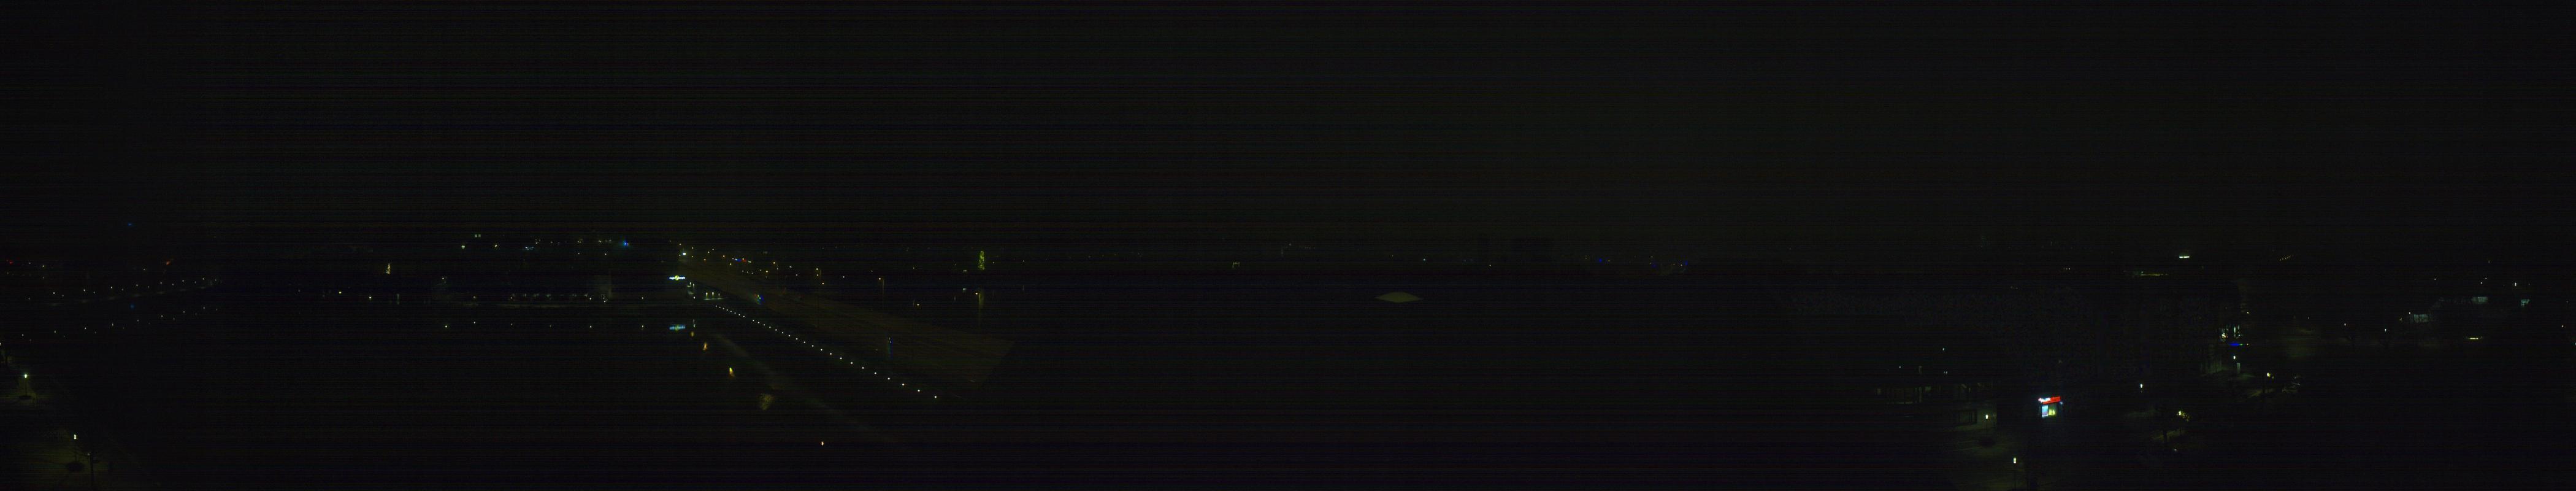 34h ago - 06:40